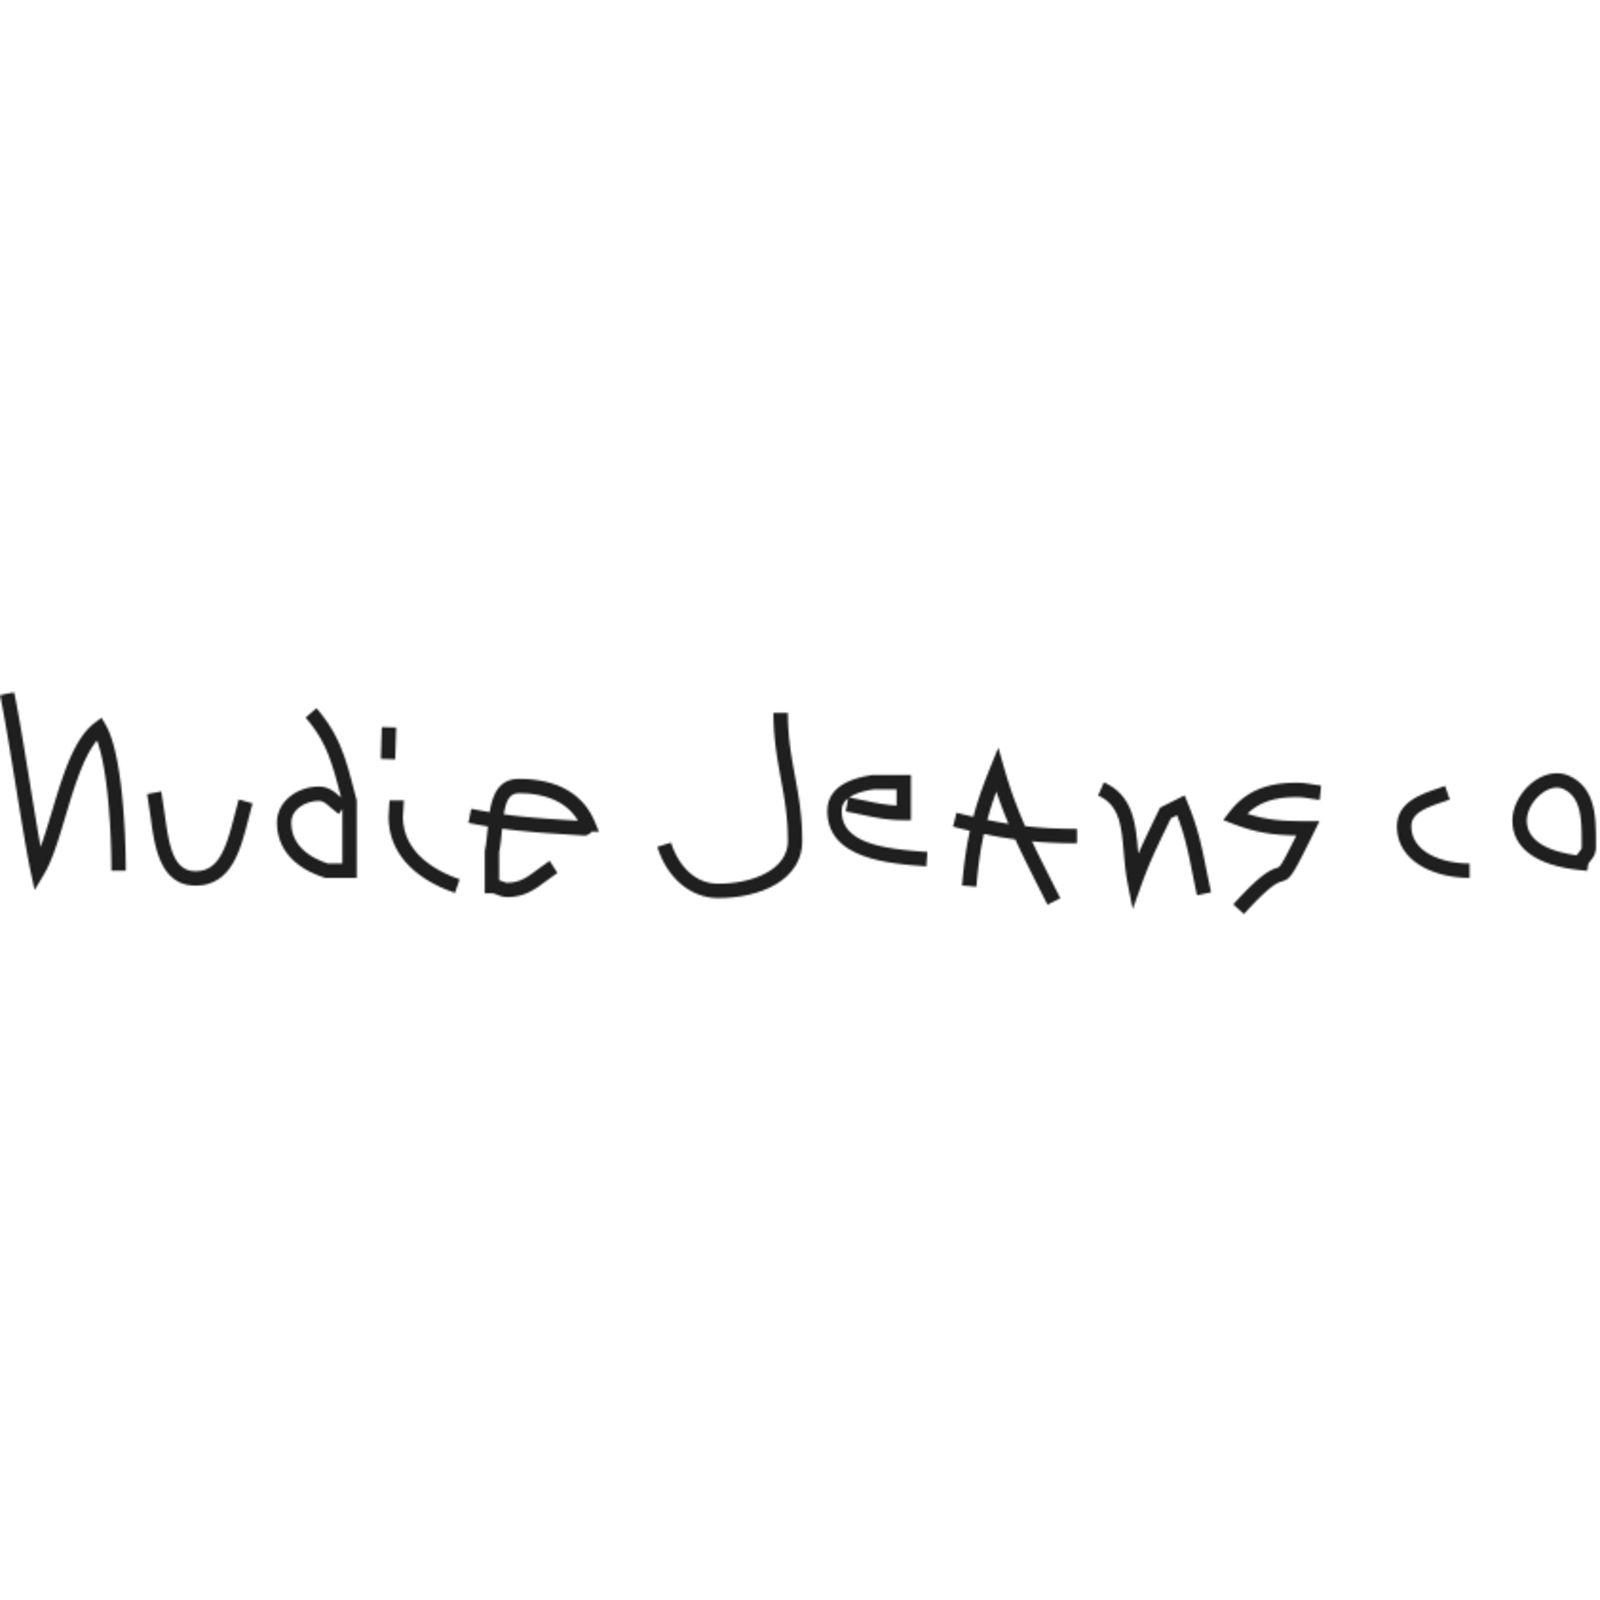 Nudie Jeans (Image 1)